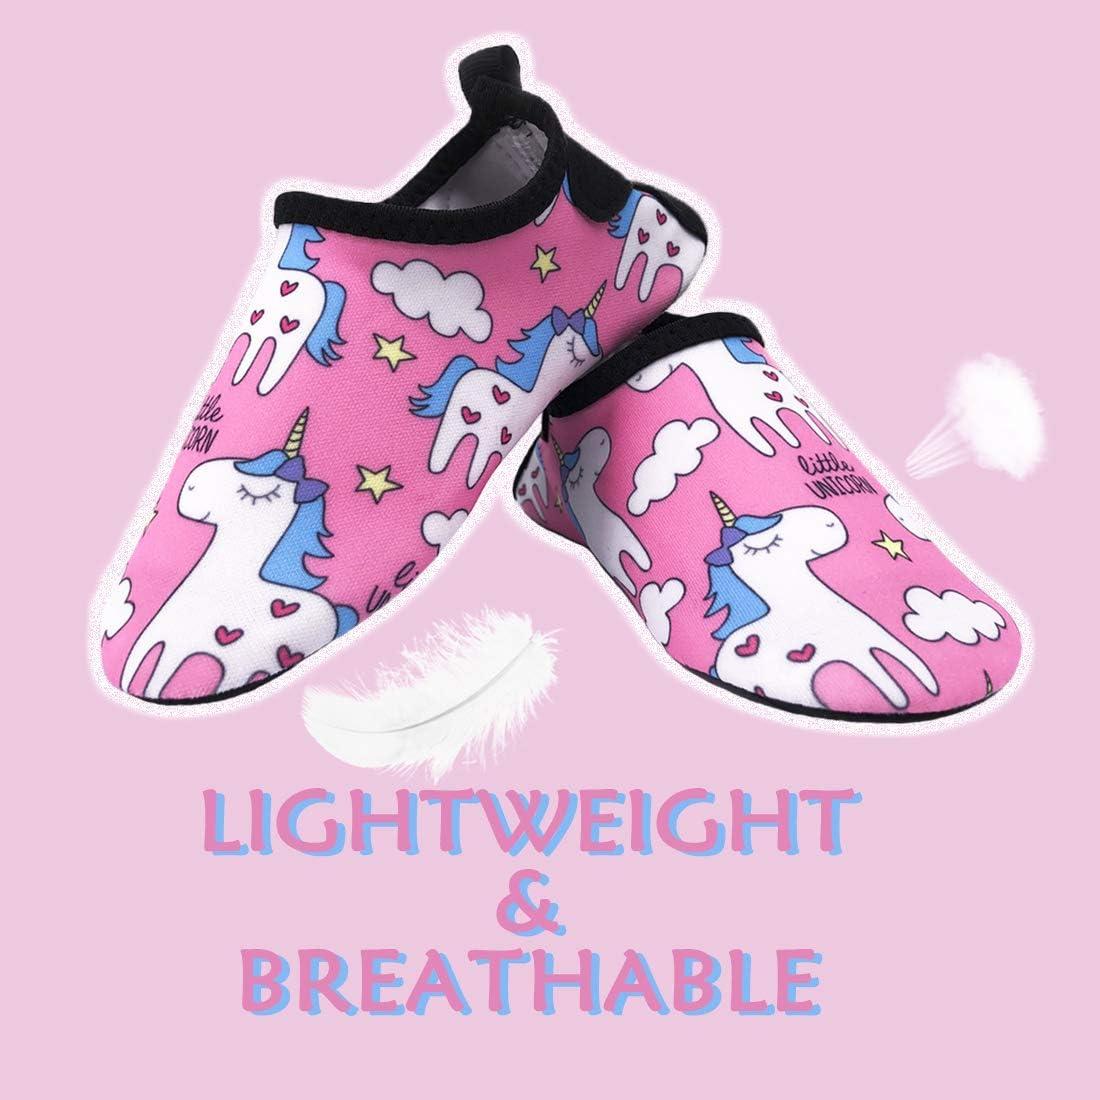 Dinosaure Dream Bridge Chaussures Aquatiques Enfants Filles Gar/çons S/échage Rapide Chaussures deau pour Plage Piscine Surf Sport Aquatique